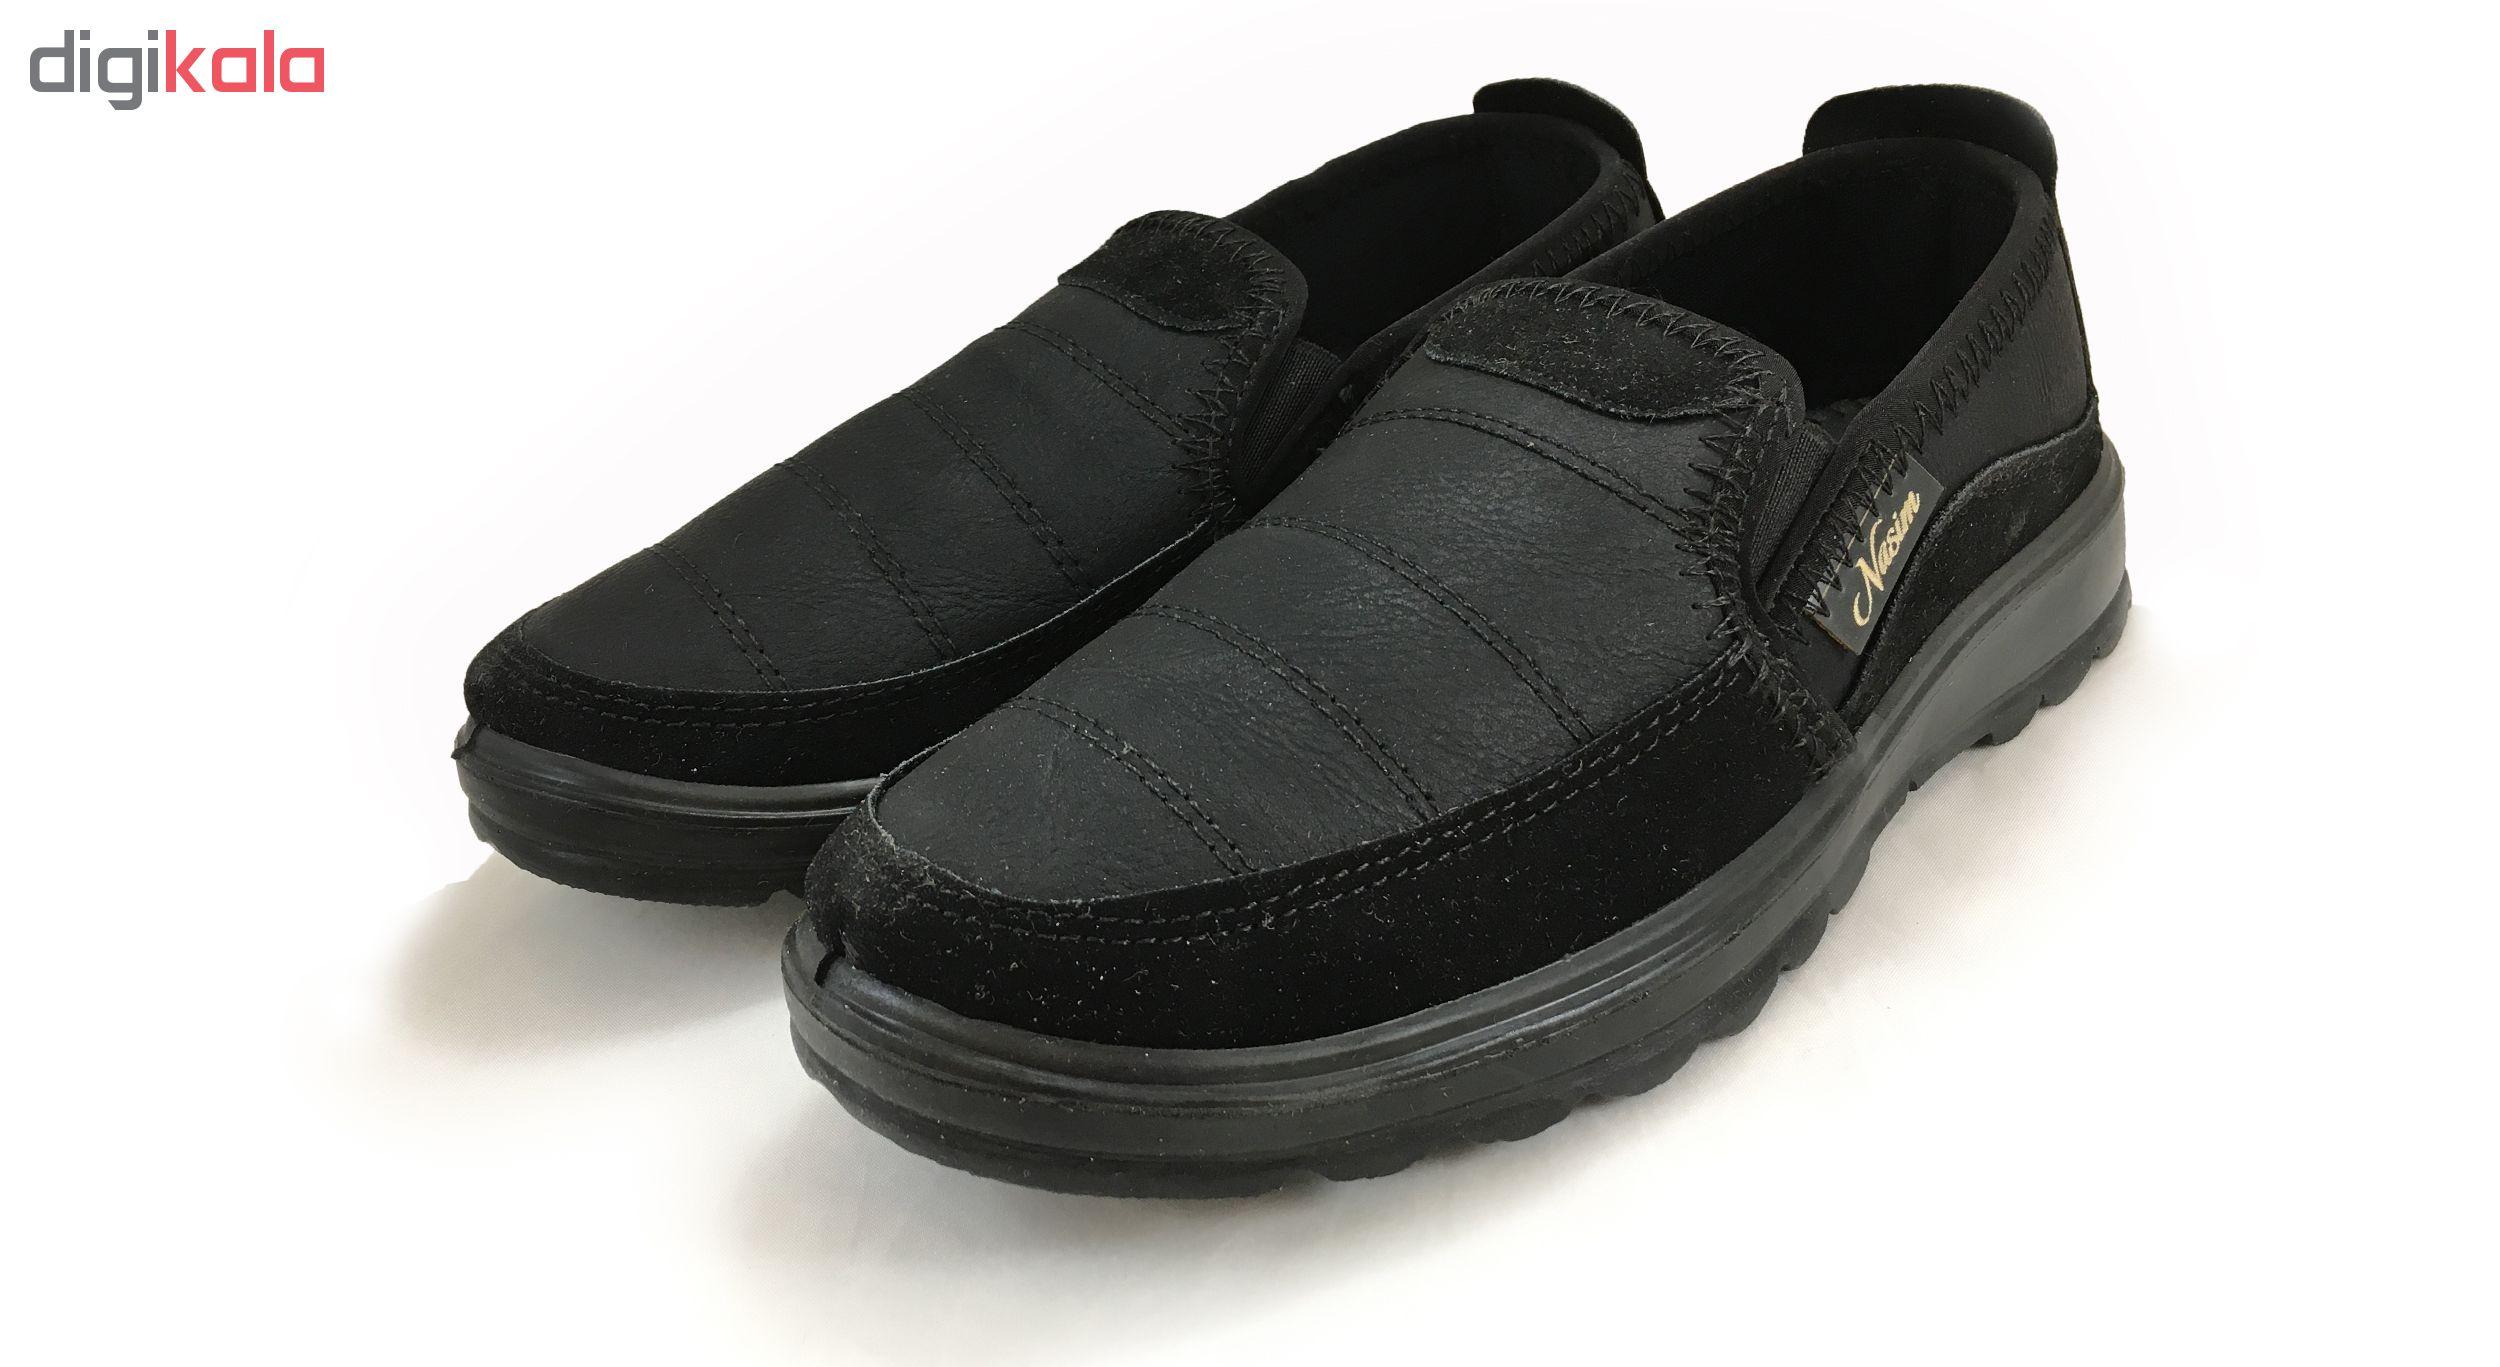 کفش مخصوص پیاده روی مردانه نسیم مدل فیروز کد 3209